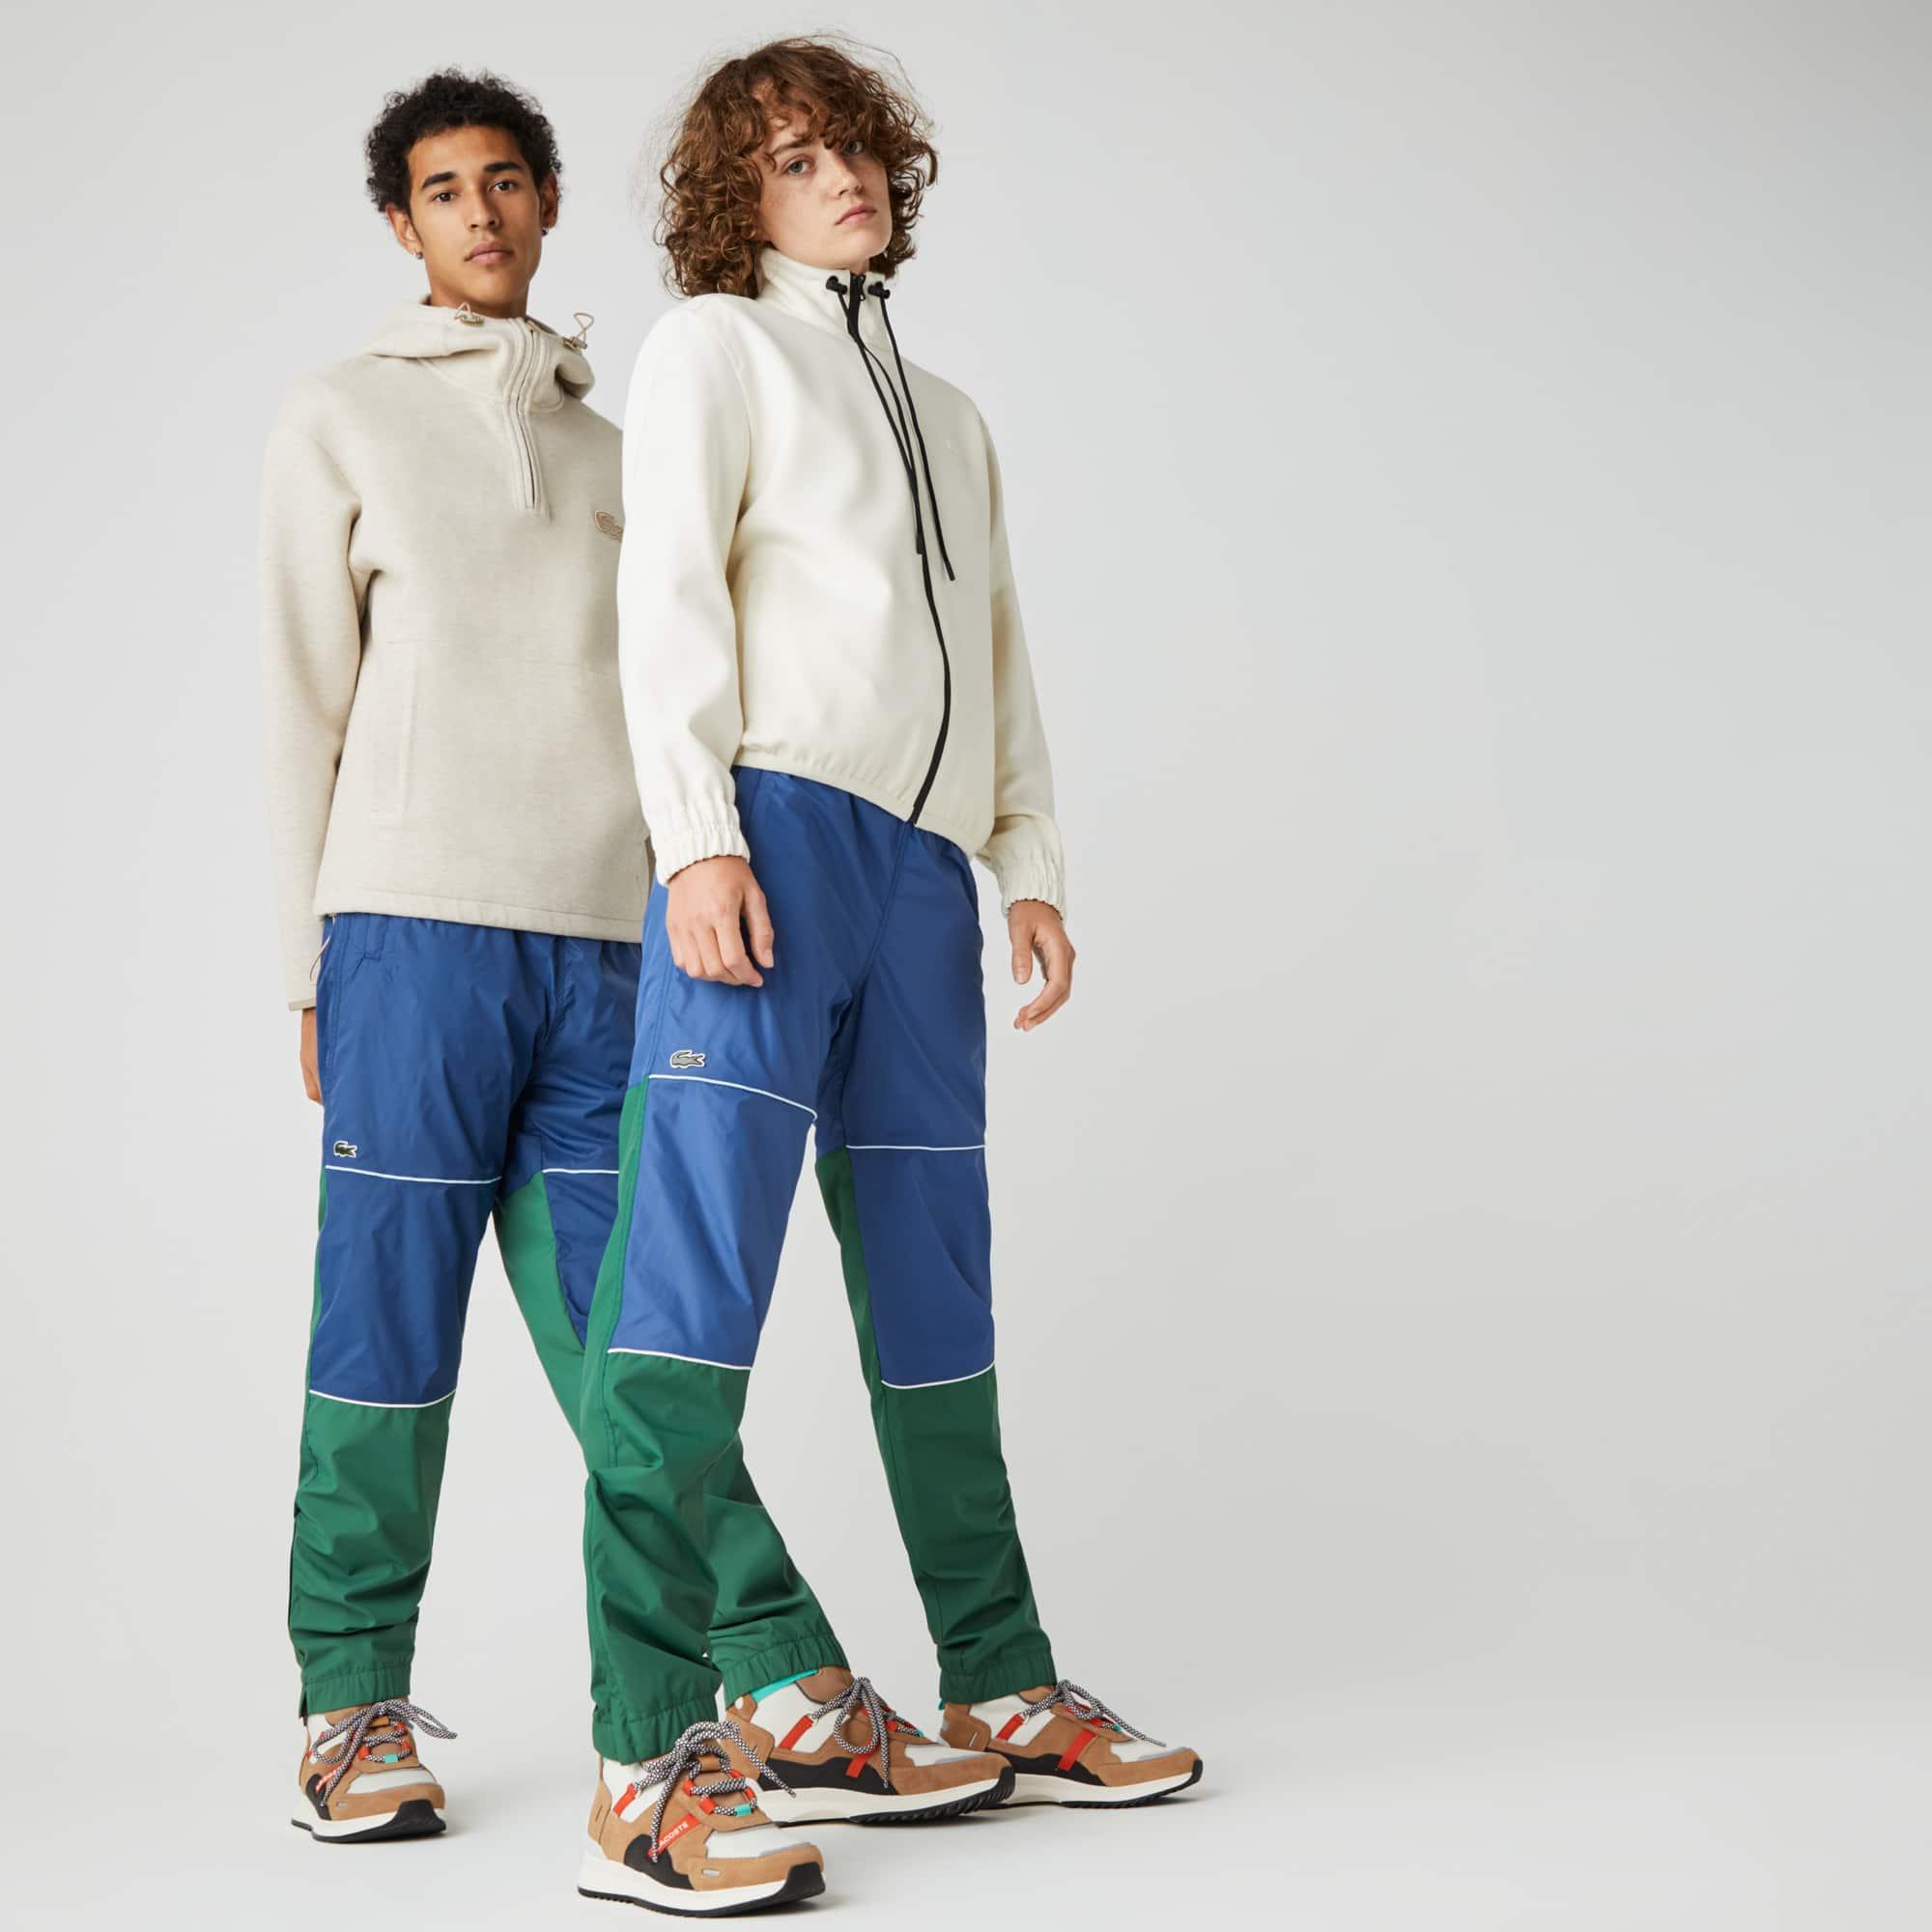 라코스테 라이브 남녀공용 트랙 팬츠 Unisex Lacoste LIVE Colourblock Tracksuit Pants,Green / Blue • E1Z